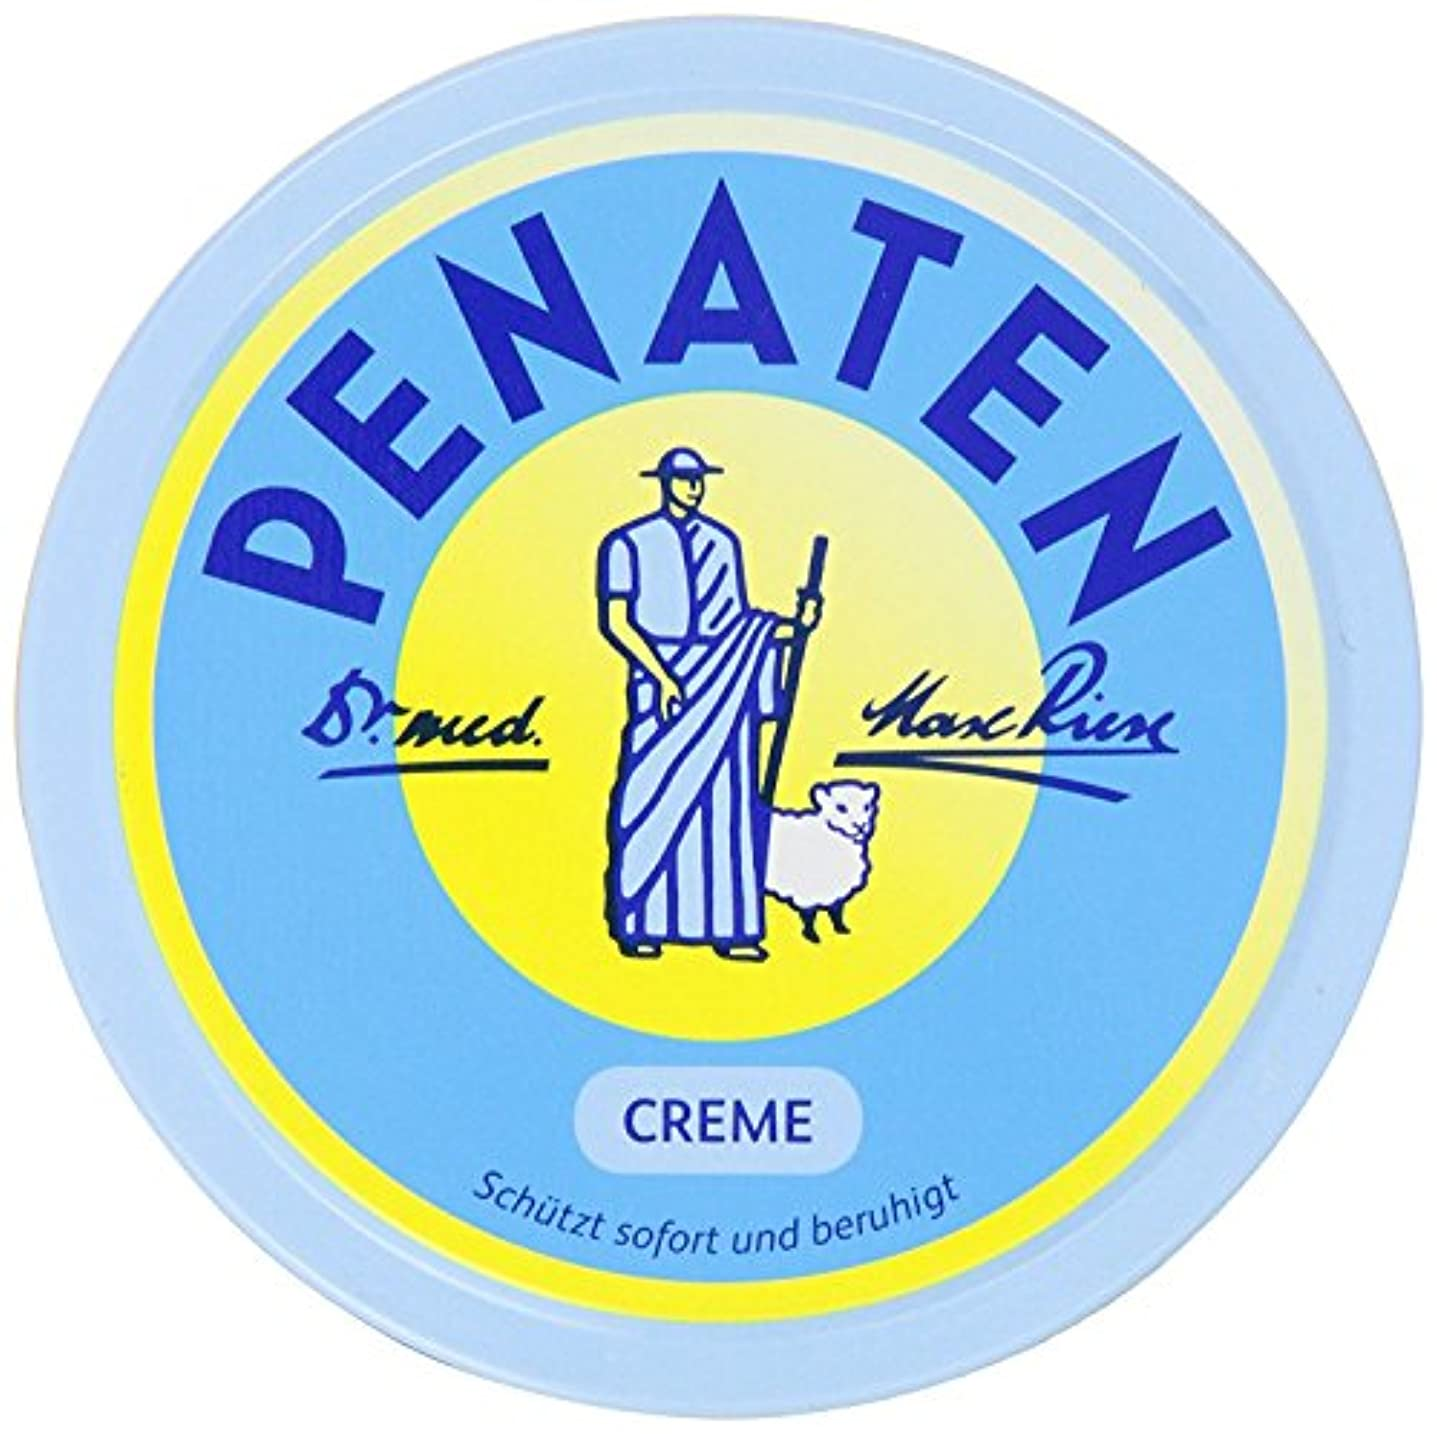 ラボベイビー上へ(ペナテン) Penaten Baby Creme 150 ml, 3er Pack (3 x 150 ml) (並行輸入品) shumaman